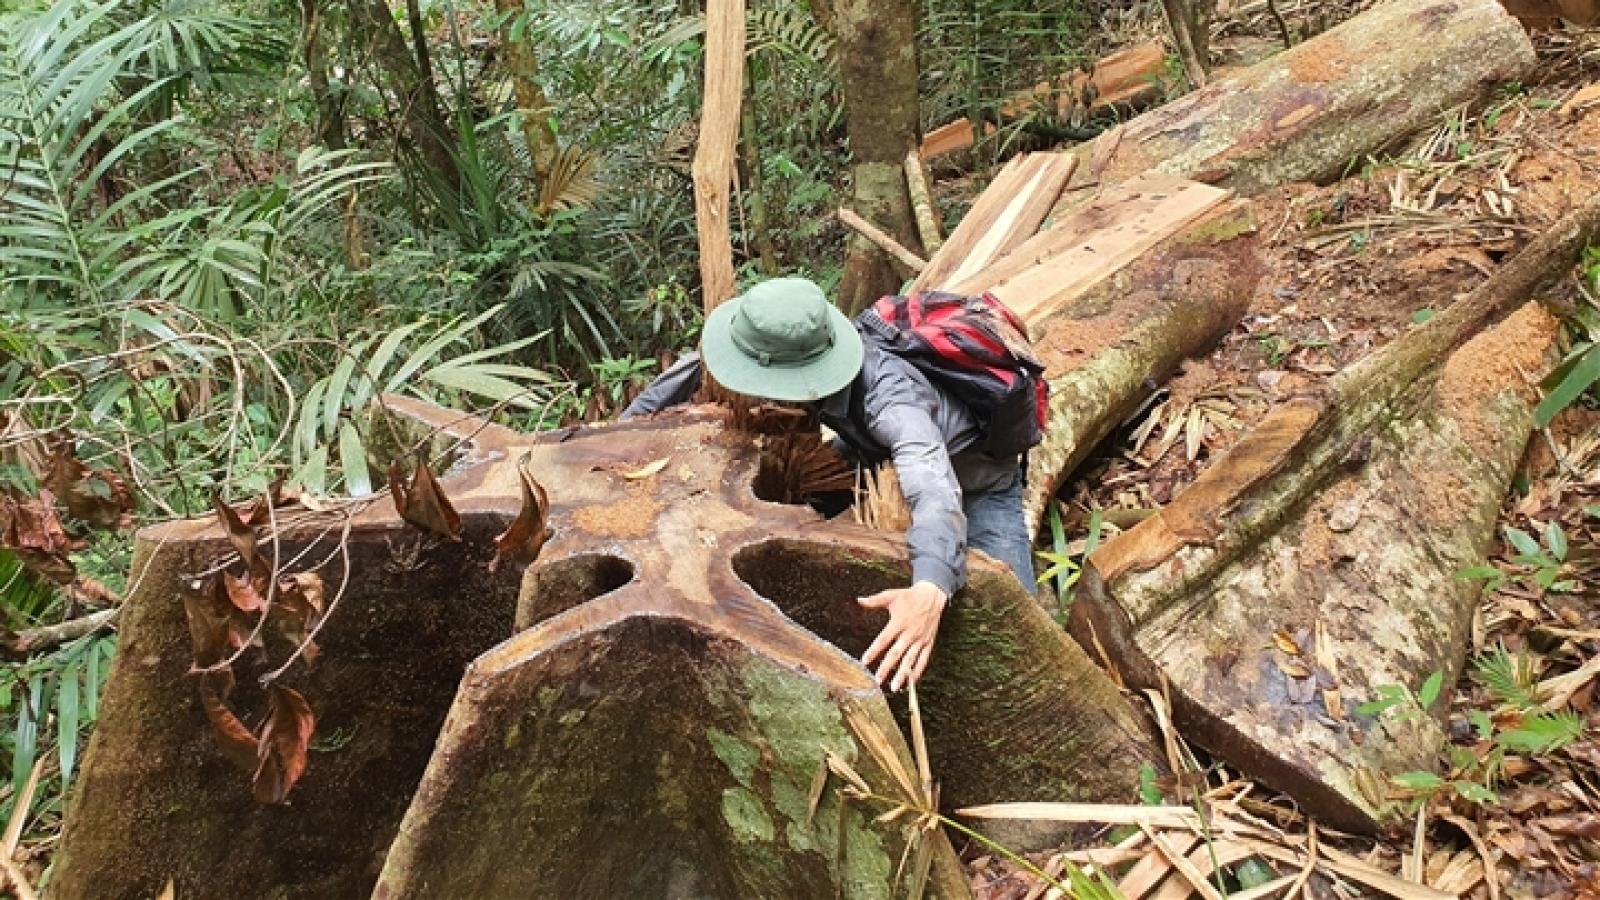 """Ảnh: Lợi dụng dịch, lâm tặc """"xẻ thịt"""" cây cổ thụ trong rừng tự nhiên Đắk Lắk"""